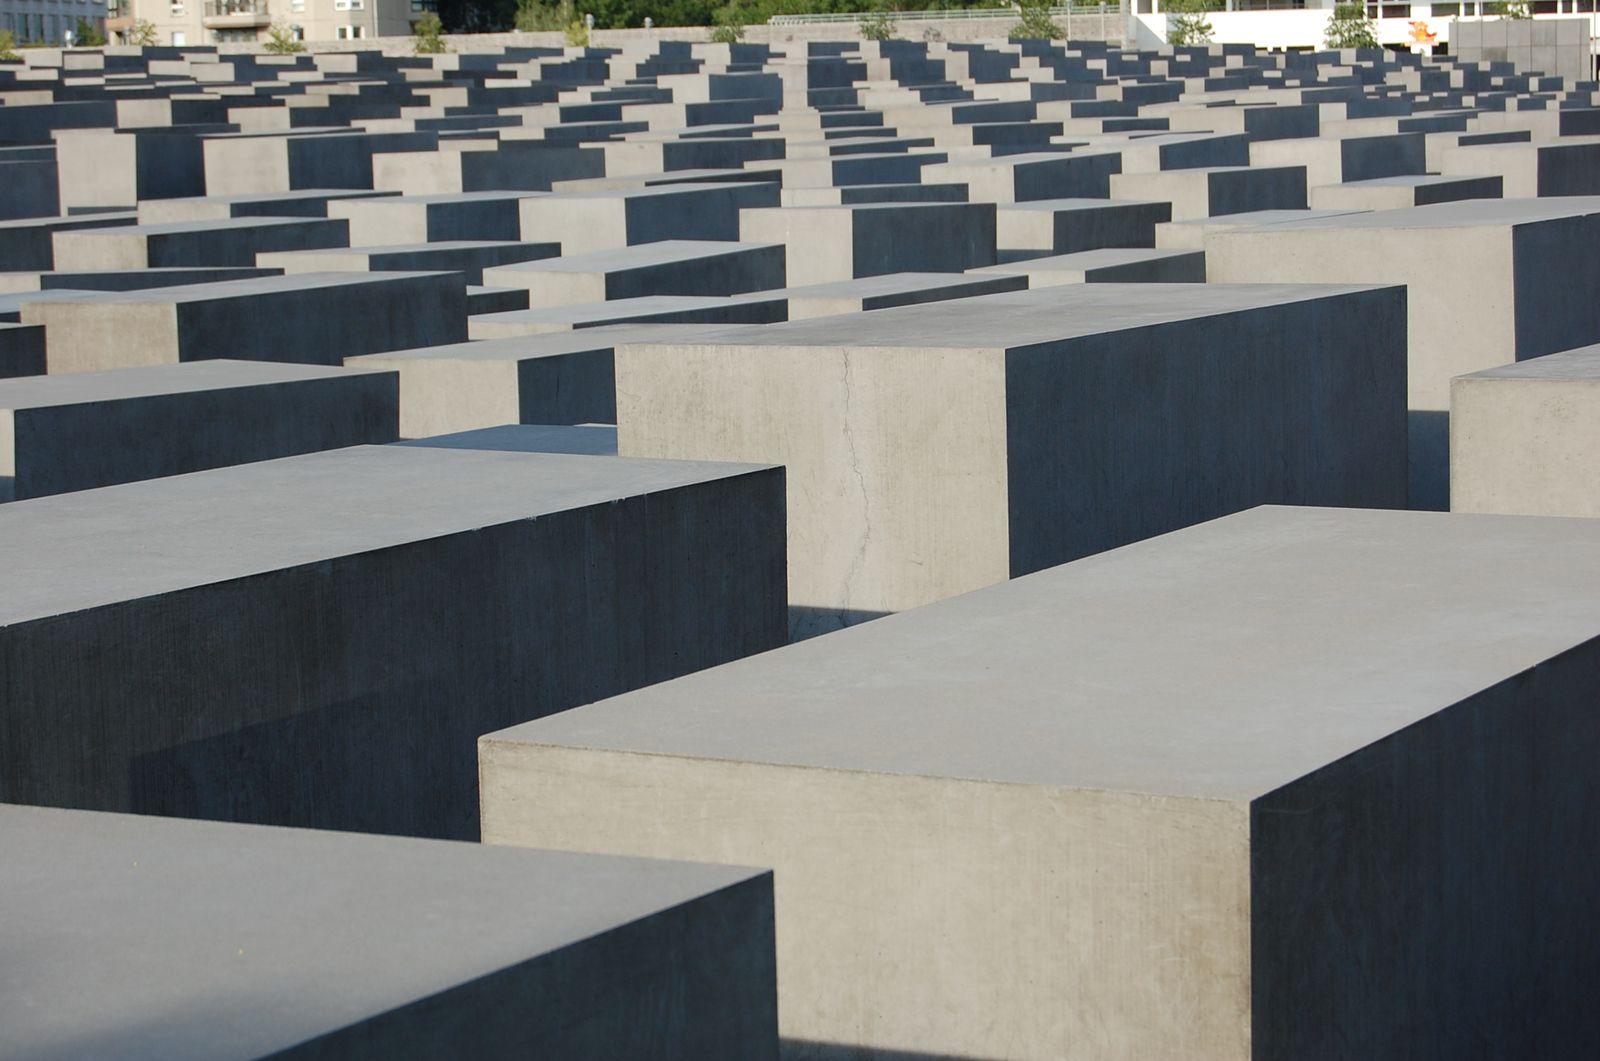 Peter Eisenman - Mémorial aux juifs - Berlin - Photos: Lankaart (c)